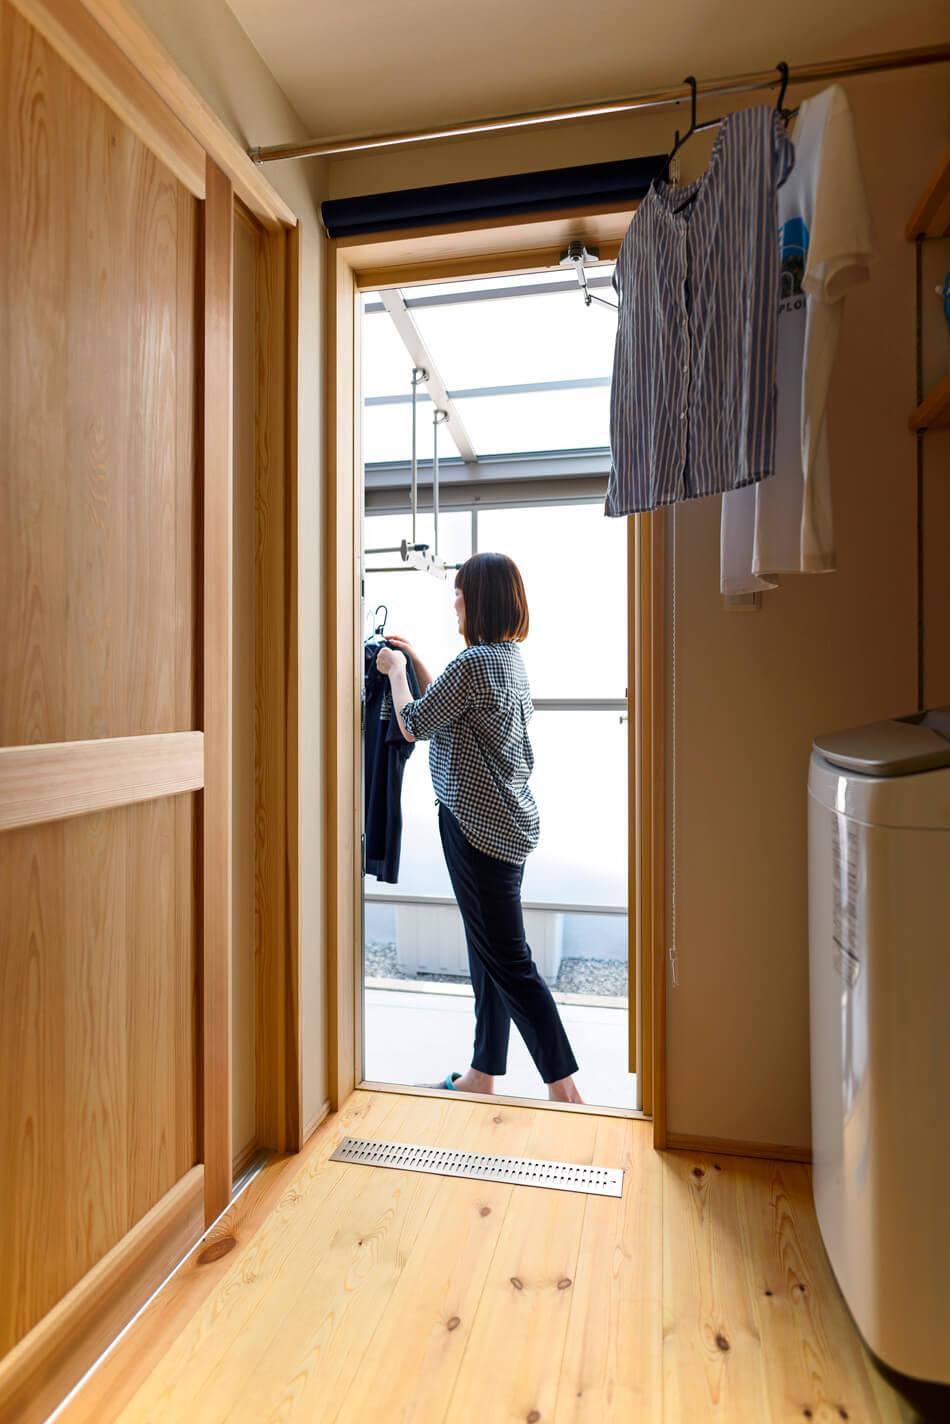 木の家|熊本の新築建築事例|2階建|4LDK|家事スペース|エコワークス|CASE-19|内観09